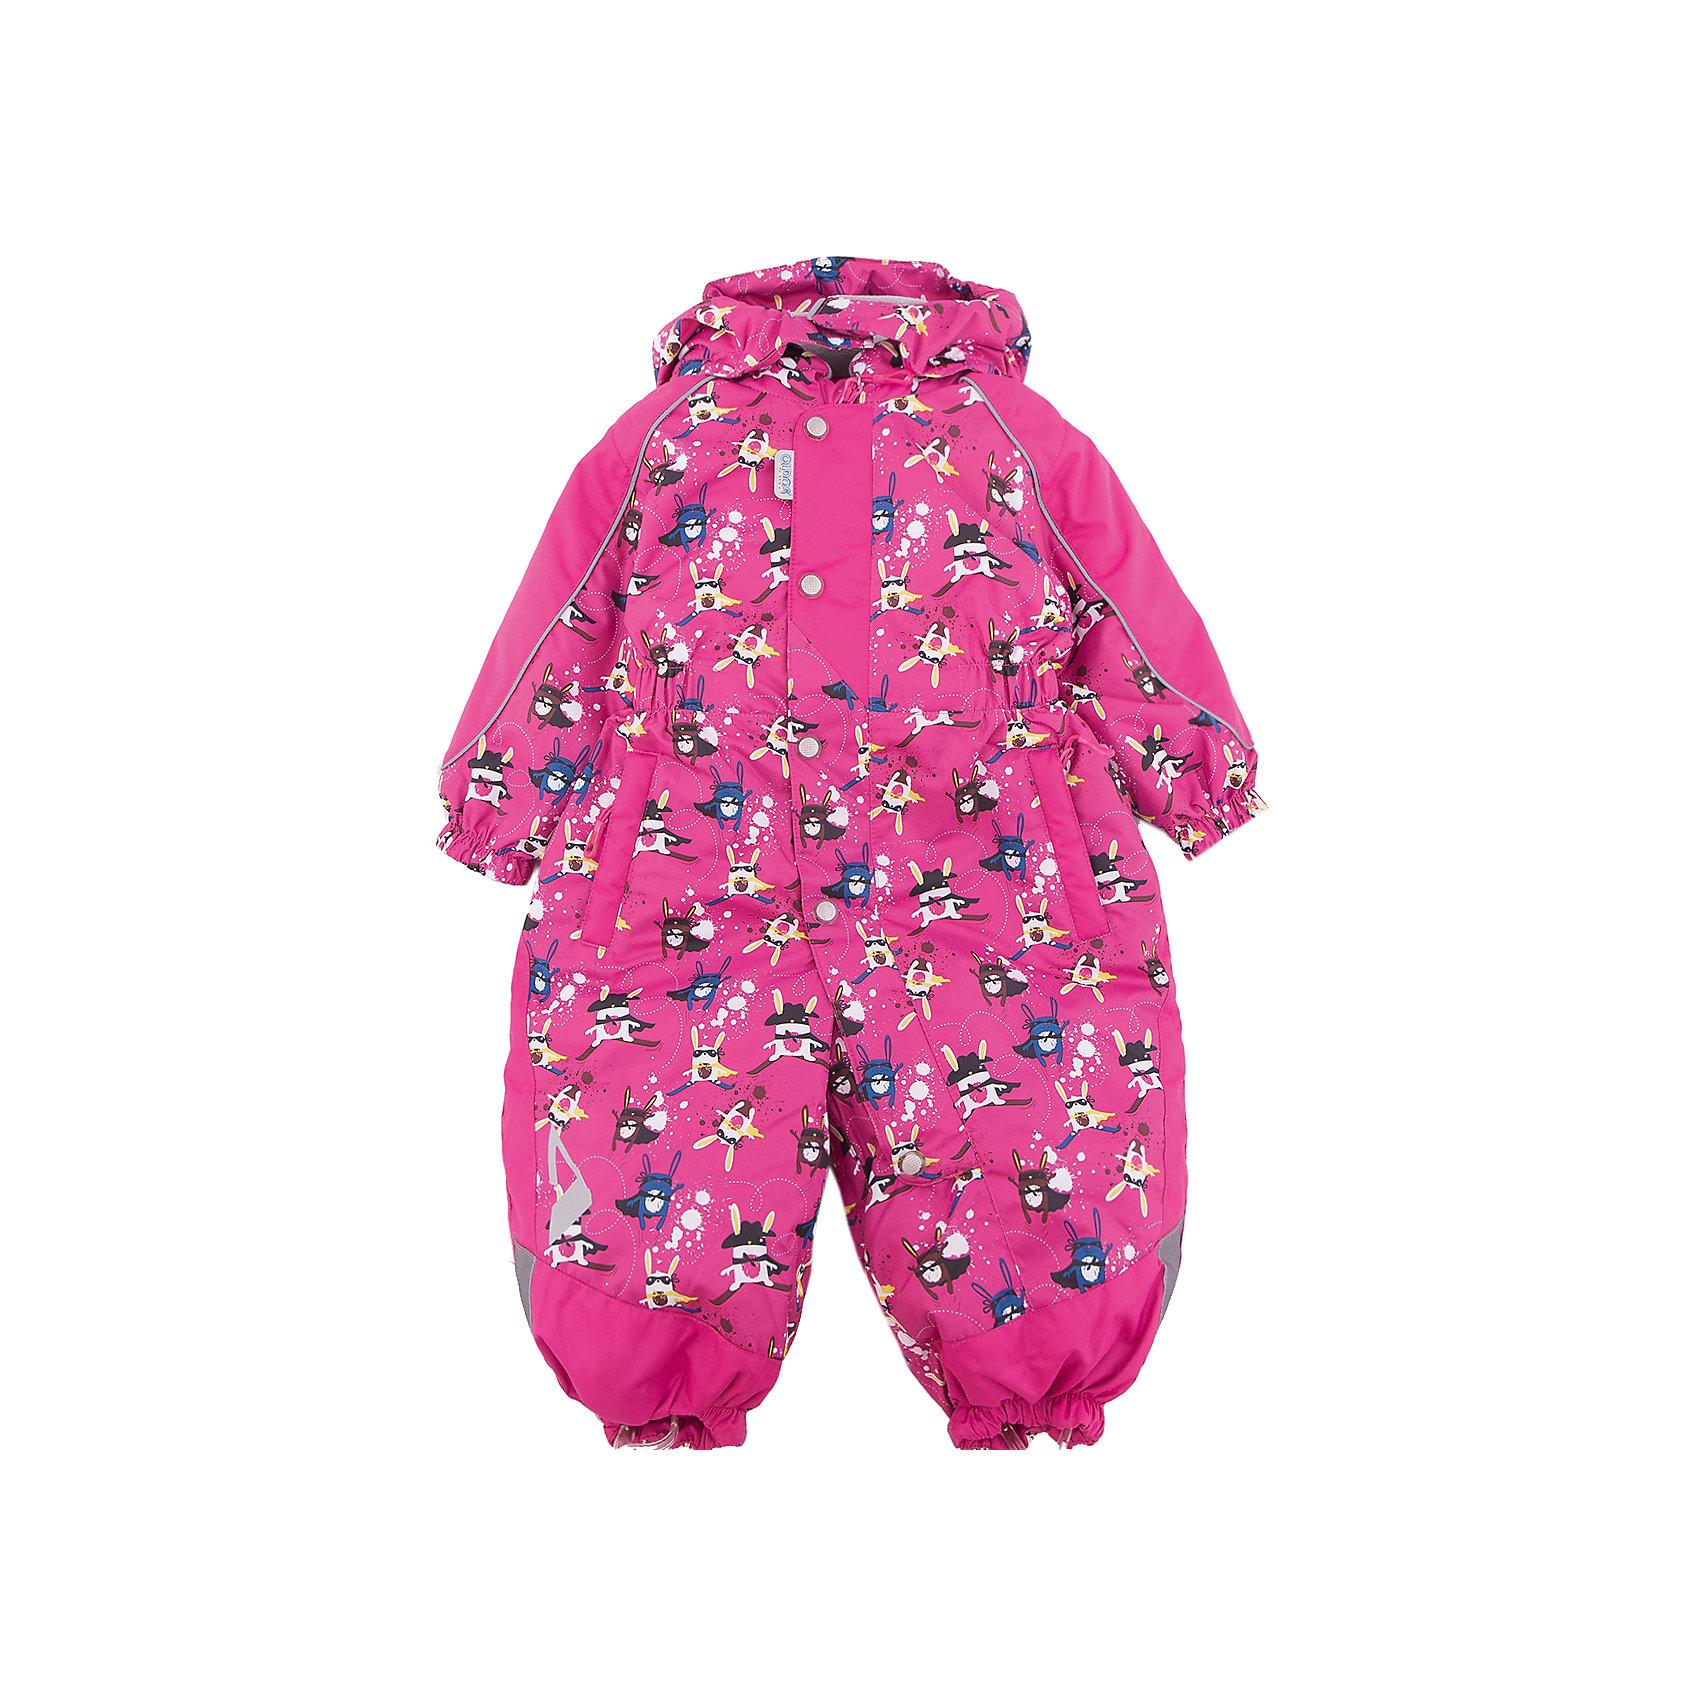 Комбинезон Джей OLDOS для девочкиВерхняя одежда<br>Характеристики товара:<br><br>• цвет: желтый<br>• состав ткани: полиэстер, Teflon<br>• подкладка: флис<br>• утеплитель: Hollofan pro<br>• сезон: зима<br>• мембранное покрытие<br>• температурный режим: от -30 до +5<br>• водонепроницаемость: 5000 мм <br>• паропроницаемость: 5000 г/м2<br>• плотность утеплителя: 200 г/м2<br>• застежка: молния<br>• капюшон: без меха, съемный<br>• в комплекте флисовый комбинезон<br>• страна бренда: Россия<br>• страна изготовитель: Россия<br><br>Яркий комбинезон для девочки дополнен элементами, помогающими подогнать его размер под ребенка. Детский комбинезон благодаря мембранной технологии рассчитан даже на сильные морозы. Зимний комбинезон от бренда Oldos отличается прочным верхом и теплым наполнителем. <br><br>Комбинезон Джей Oldos (Олдос) для девочки можно купить в нашем интернет-магазине.<br><br>Ширина мм: 356<br>Глубина мм: 10<br>Высота мм: 245<br>Вес г: 519<br>Цвет: розовый<br>Возраст от месяцев: 18<br>Возраст до месяцев: 24<br>Пол: Женский<br>Возраст: Детский<br>Размер: 92,80<br>SKU: 7015633